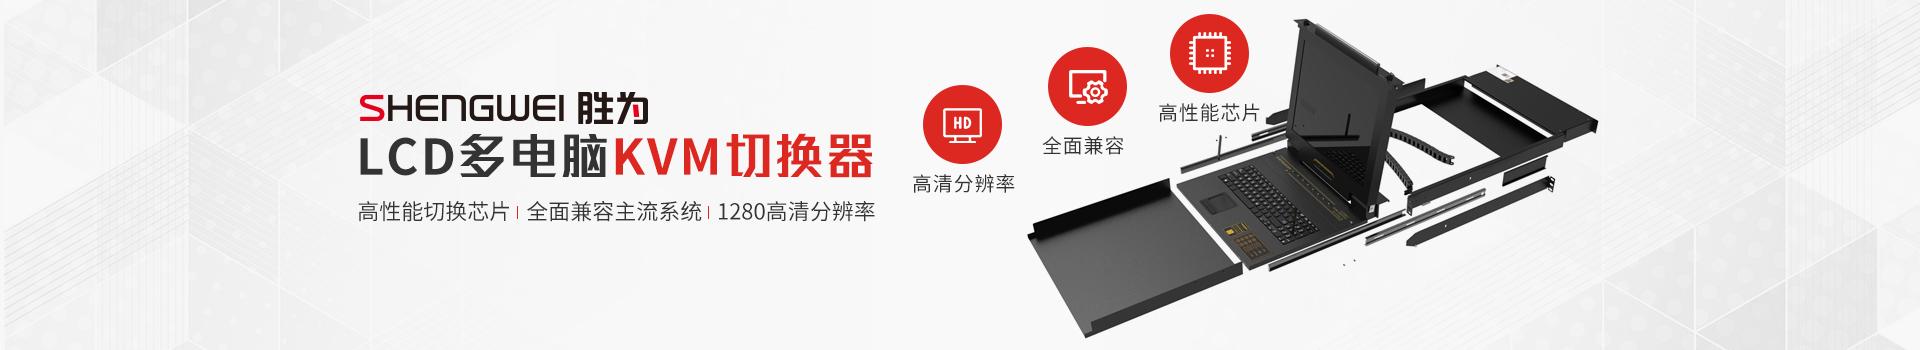 胜为LCD多电脑kvm切换器,高性能切换芯片